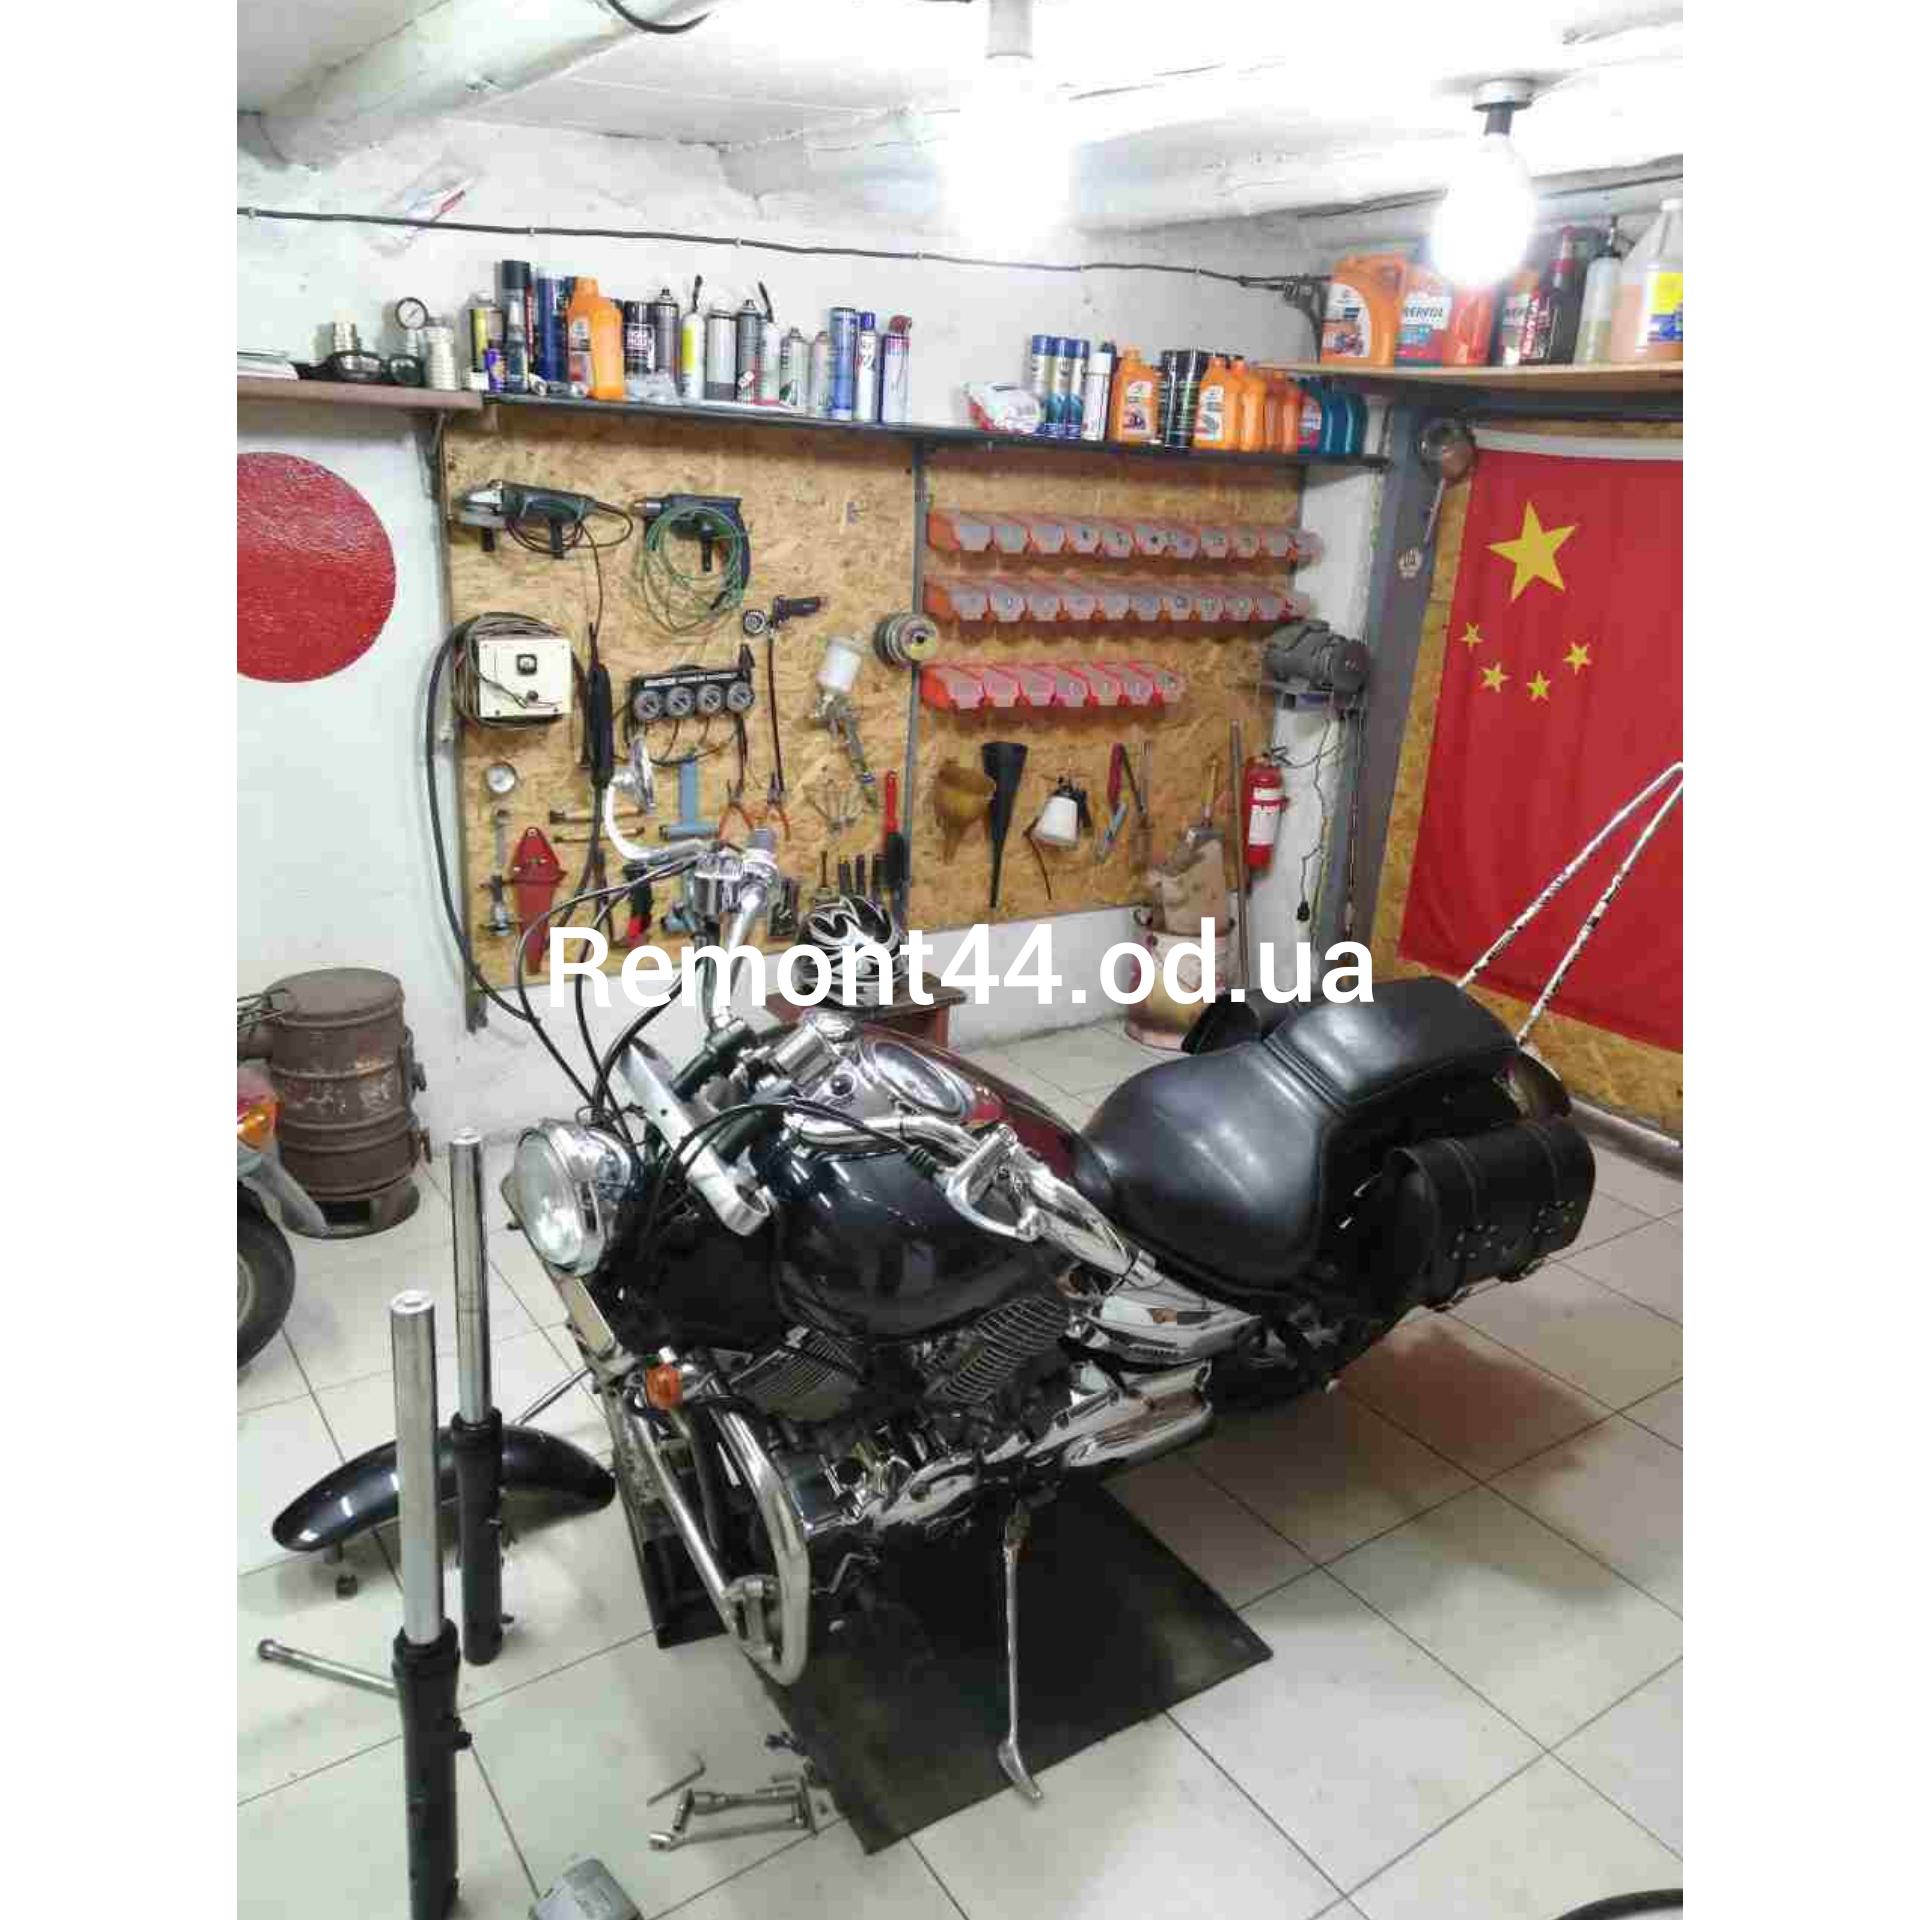 InShot_20201208_090908913